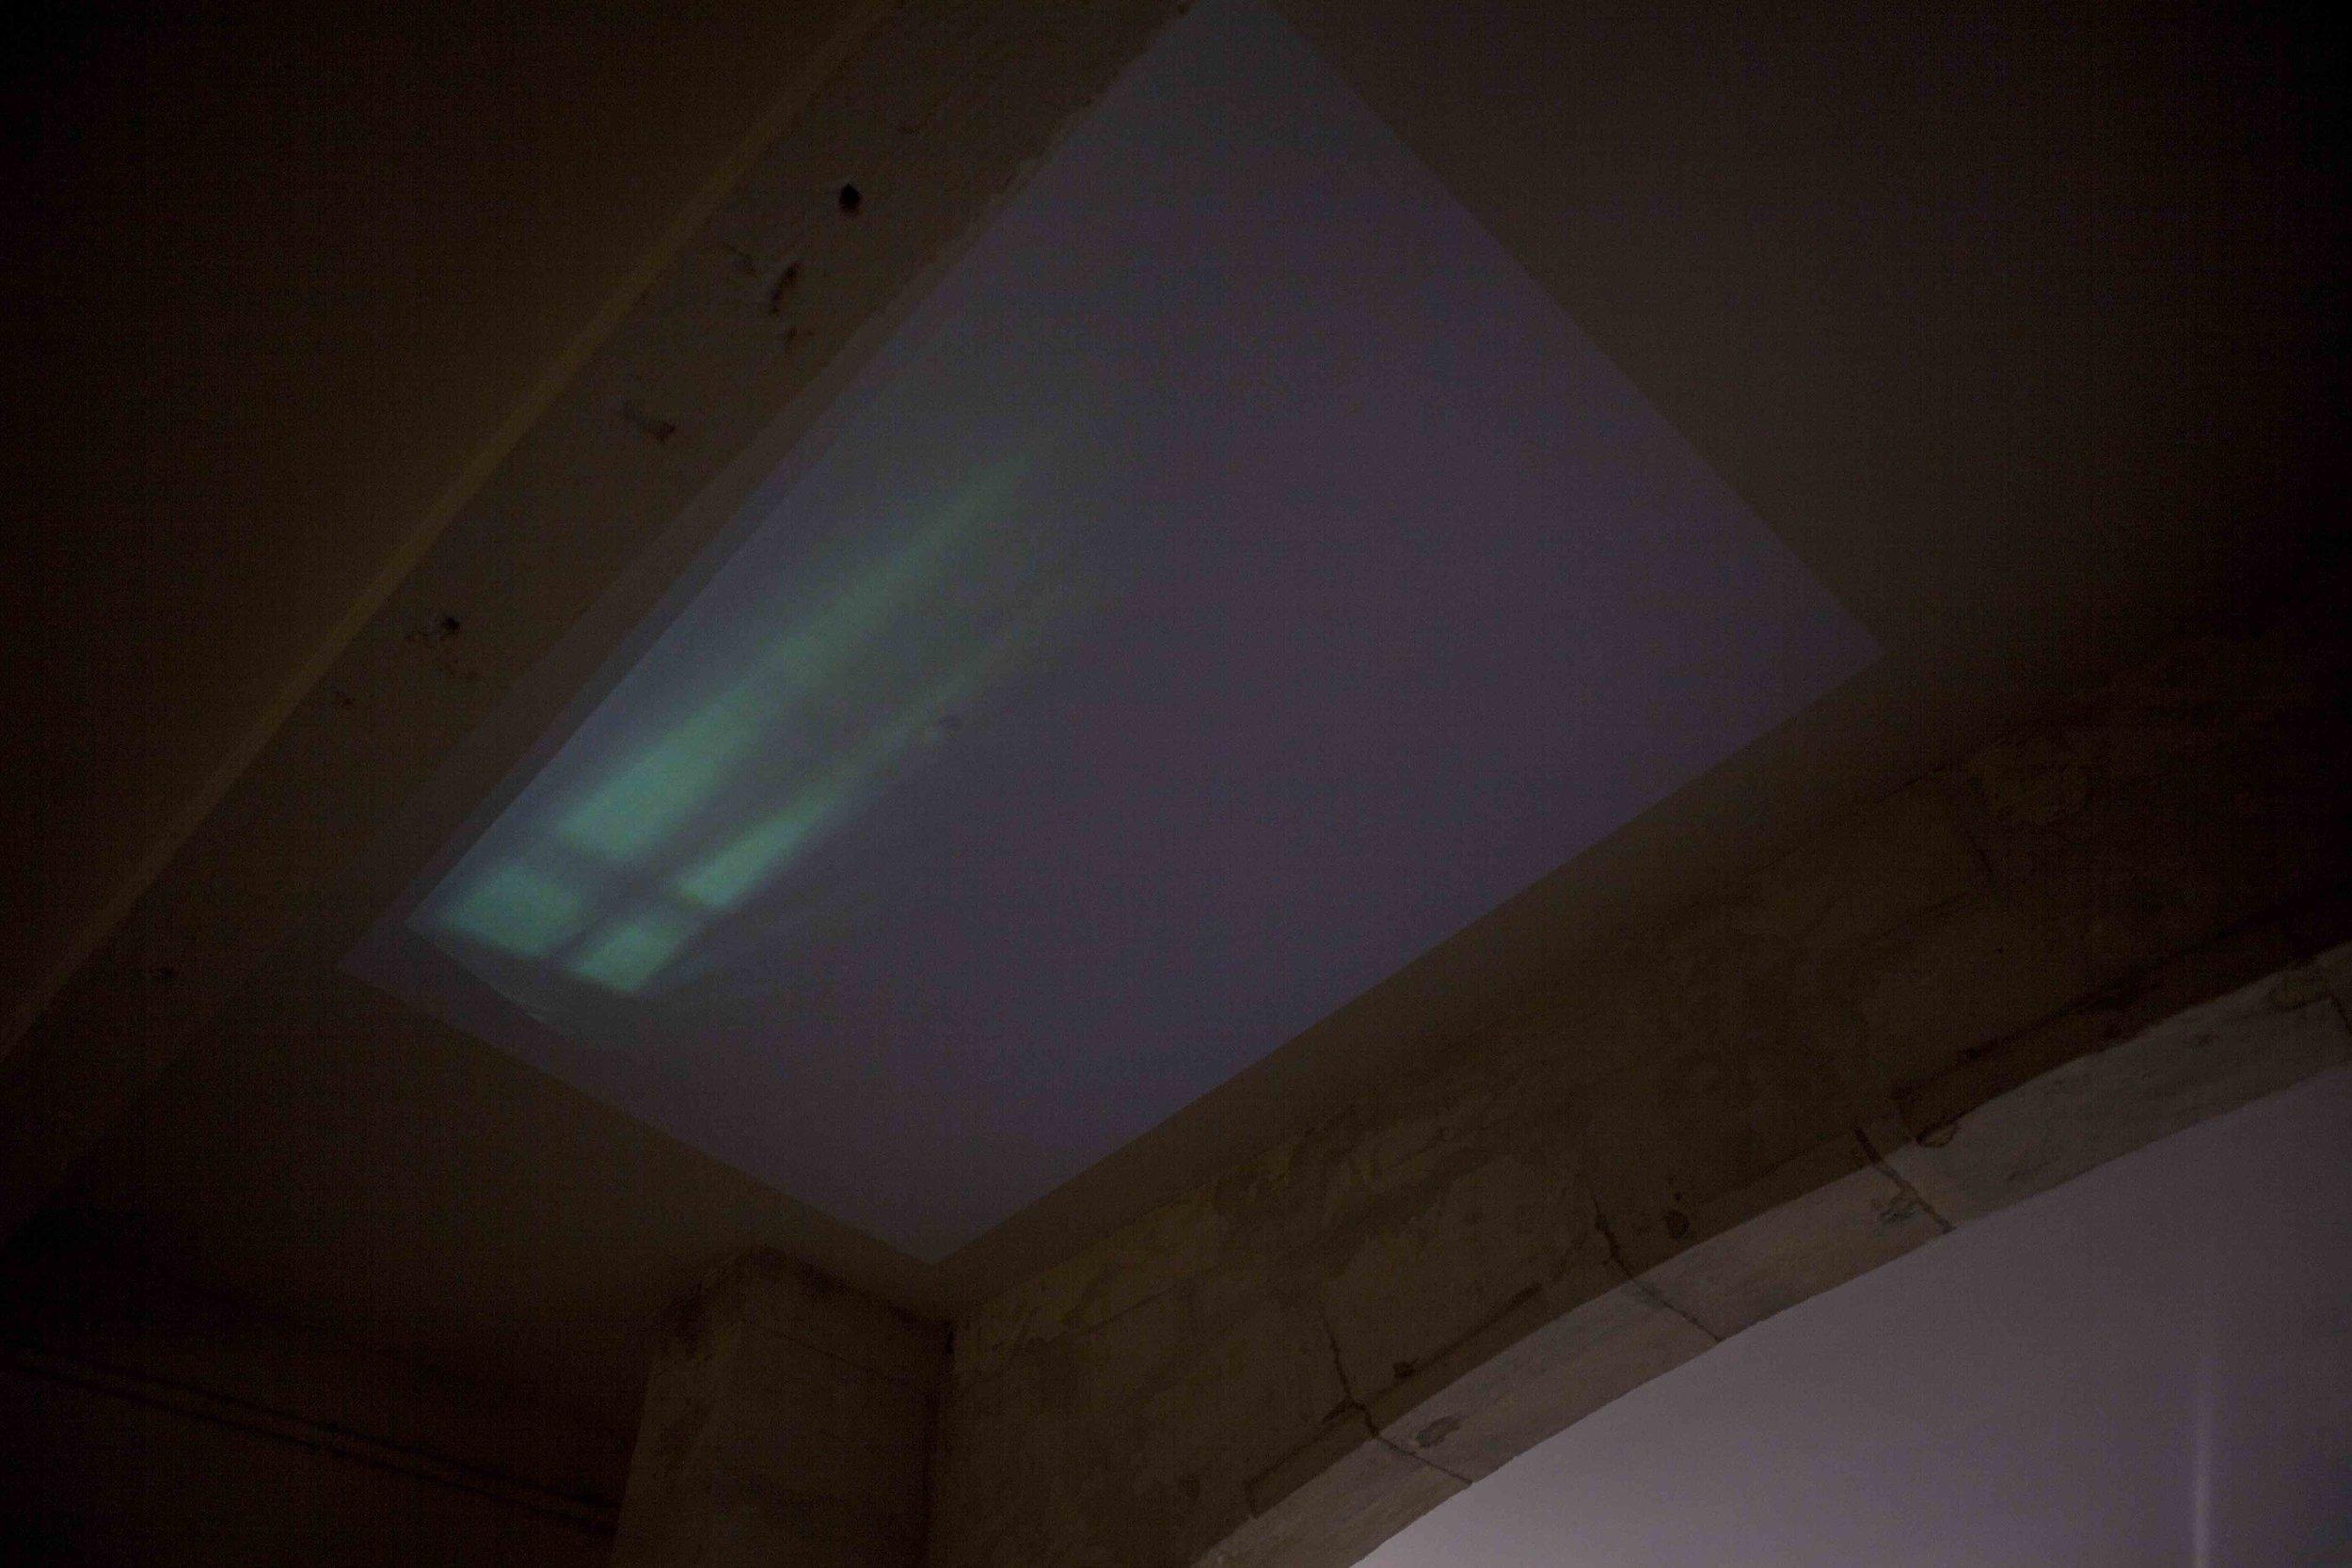 installation de la vidéo  turin, ville du saint suaire (apparition sur plafond de chambre d'hôtel) àla galerie le magasin de jouet (arles), lors de l'exposition 4x6 non title event (2016)